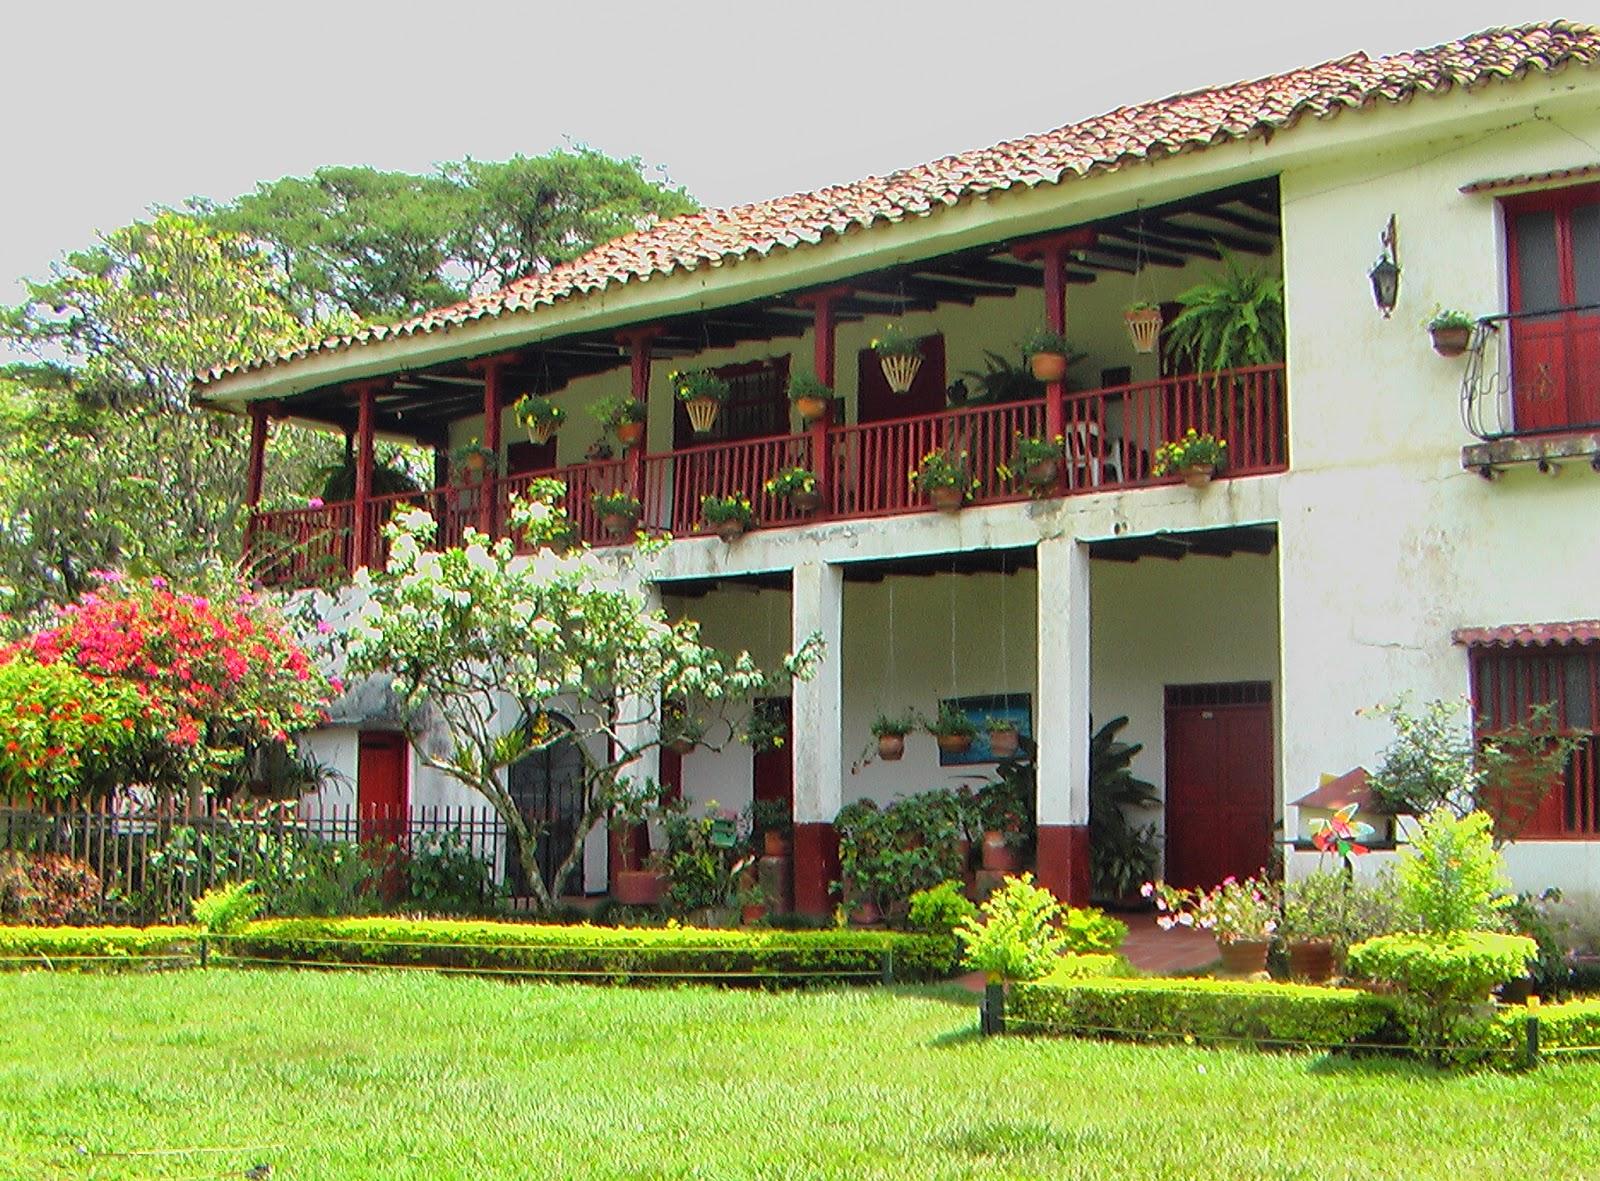 PatrimonioHacienda Bolsa Bolsa PatrimonioHacienda Bolsa La La La La PatrimonioHacienda PatrimonioHacienda Bolsa N08OnkXwP